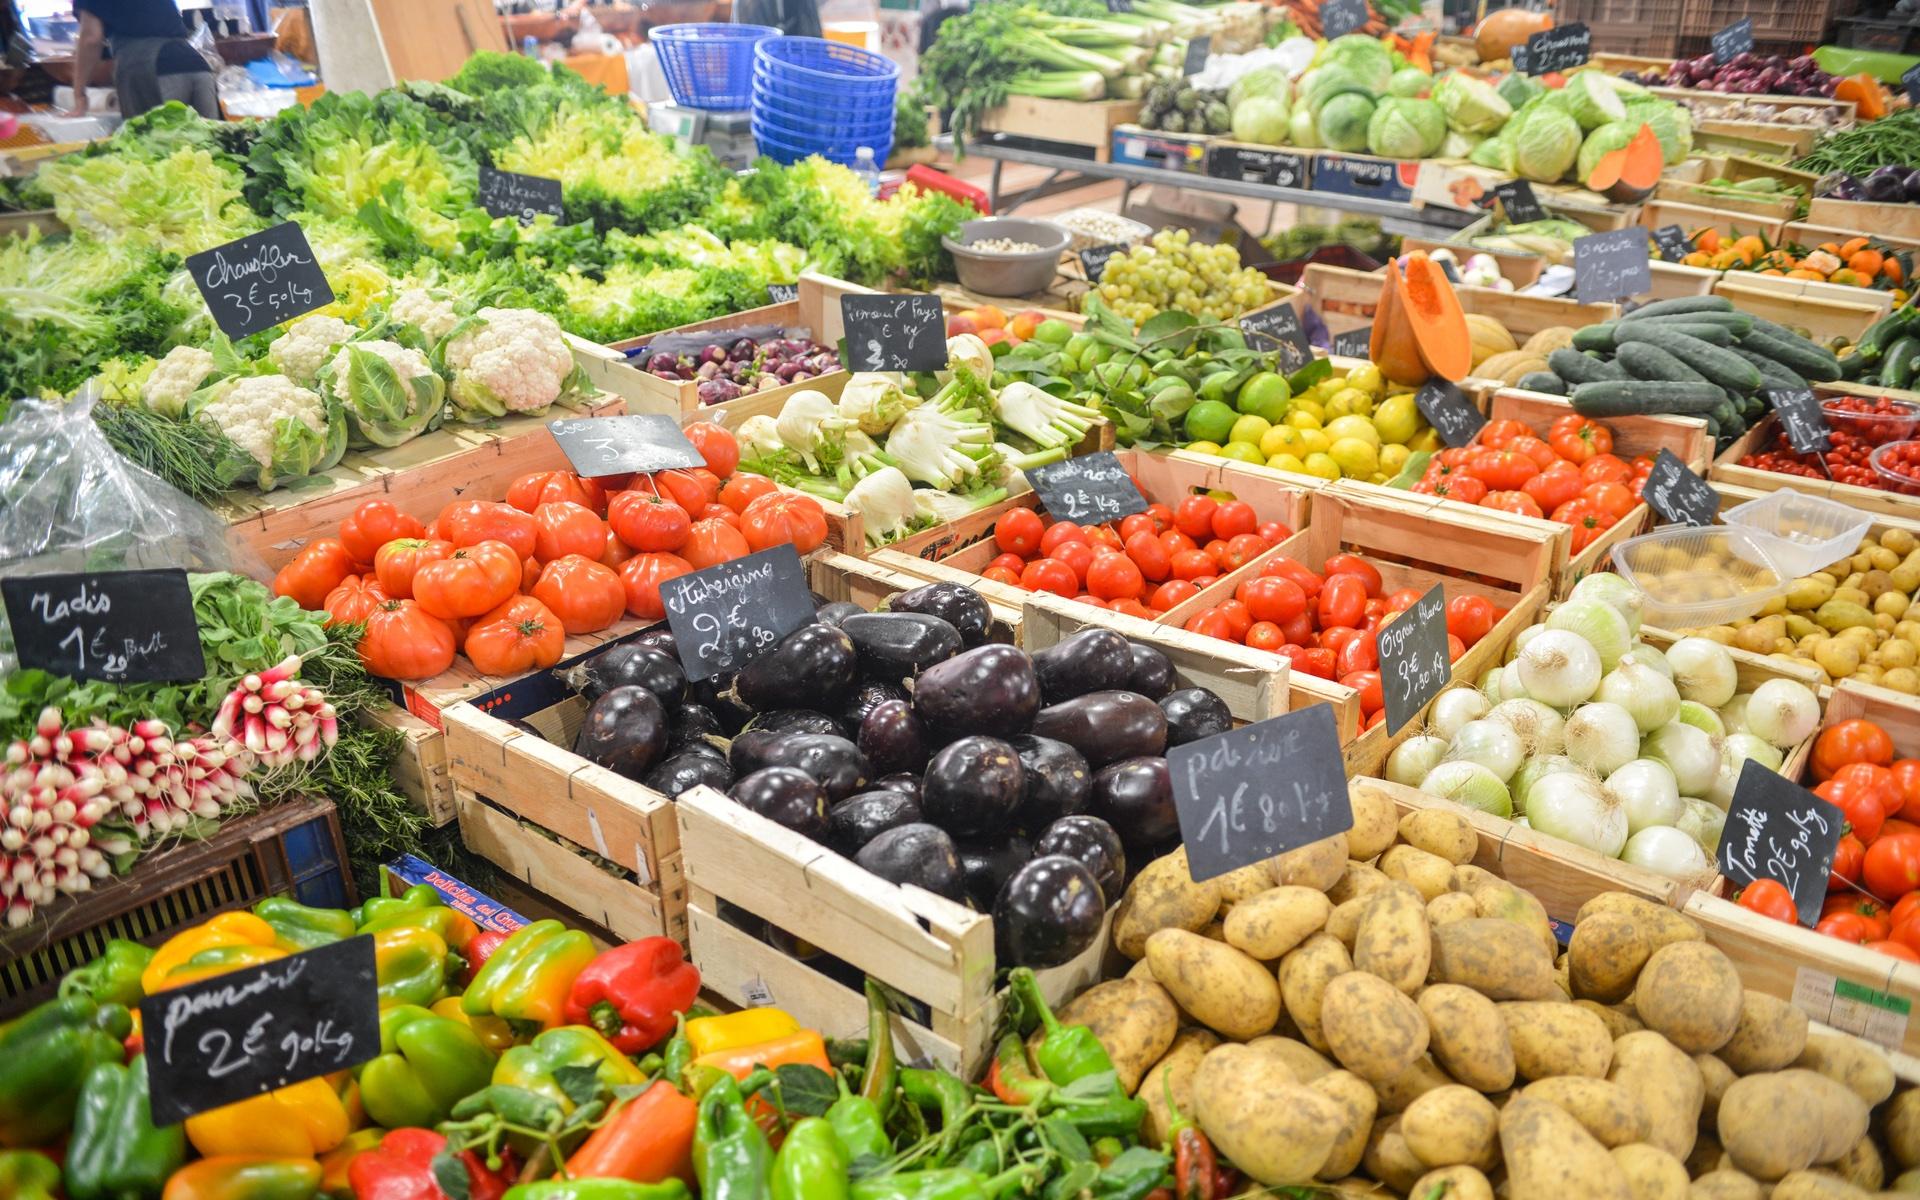 Nutripunk Gemuese Obst Einkaufen Supermarkt Vegan Pexels 5205